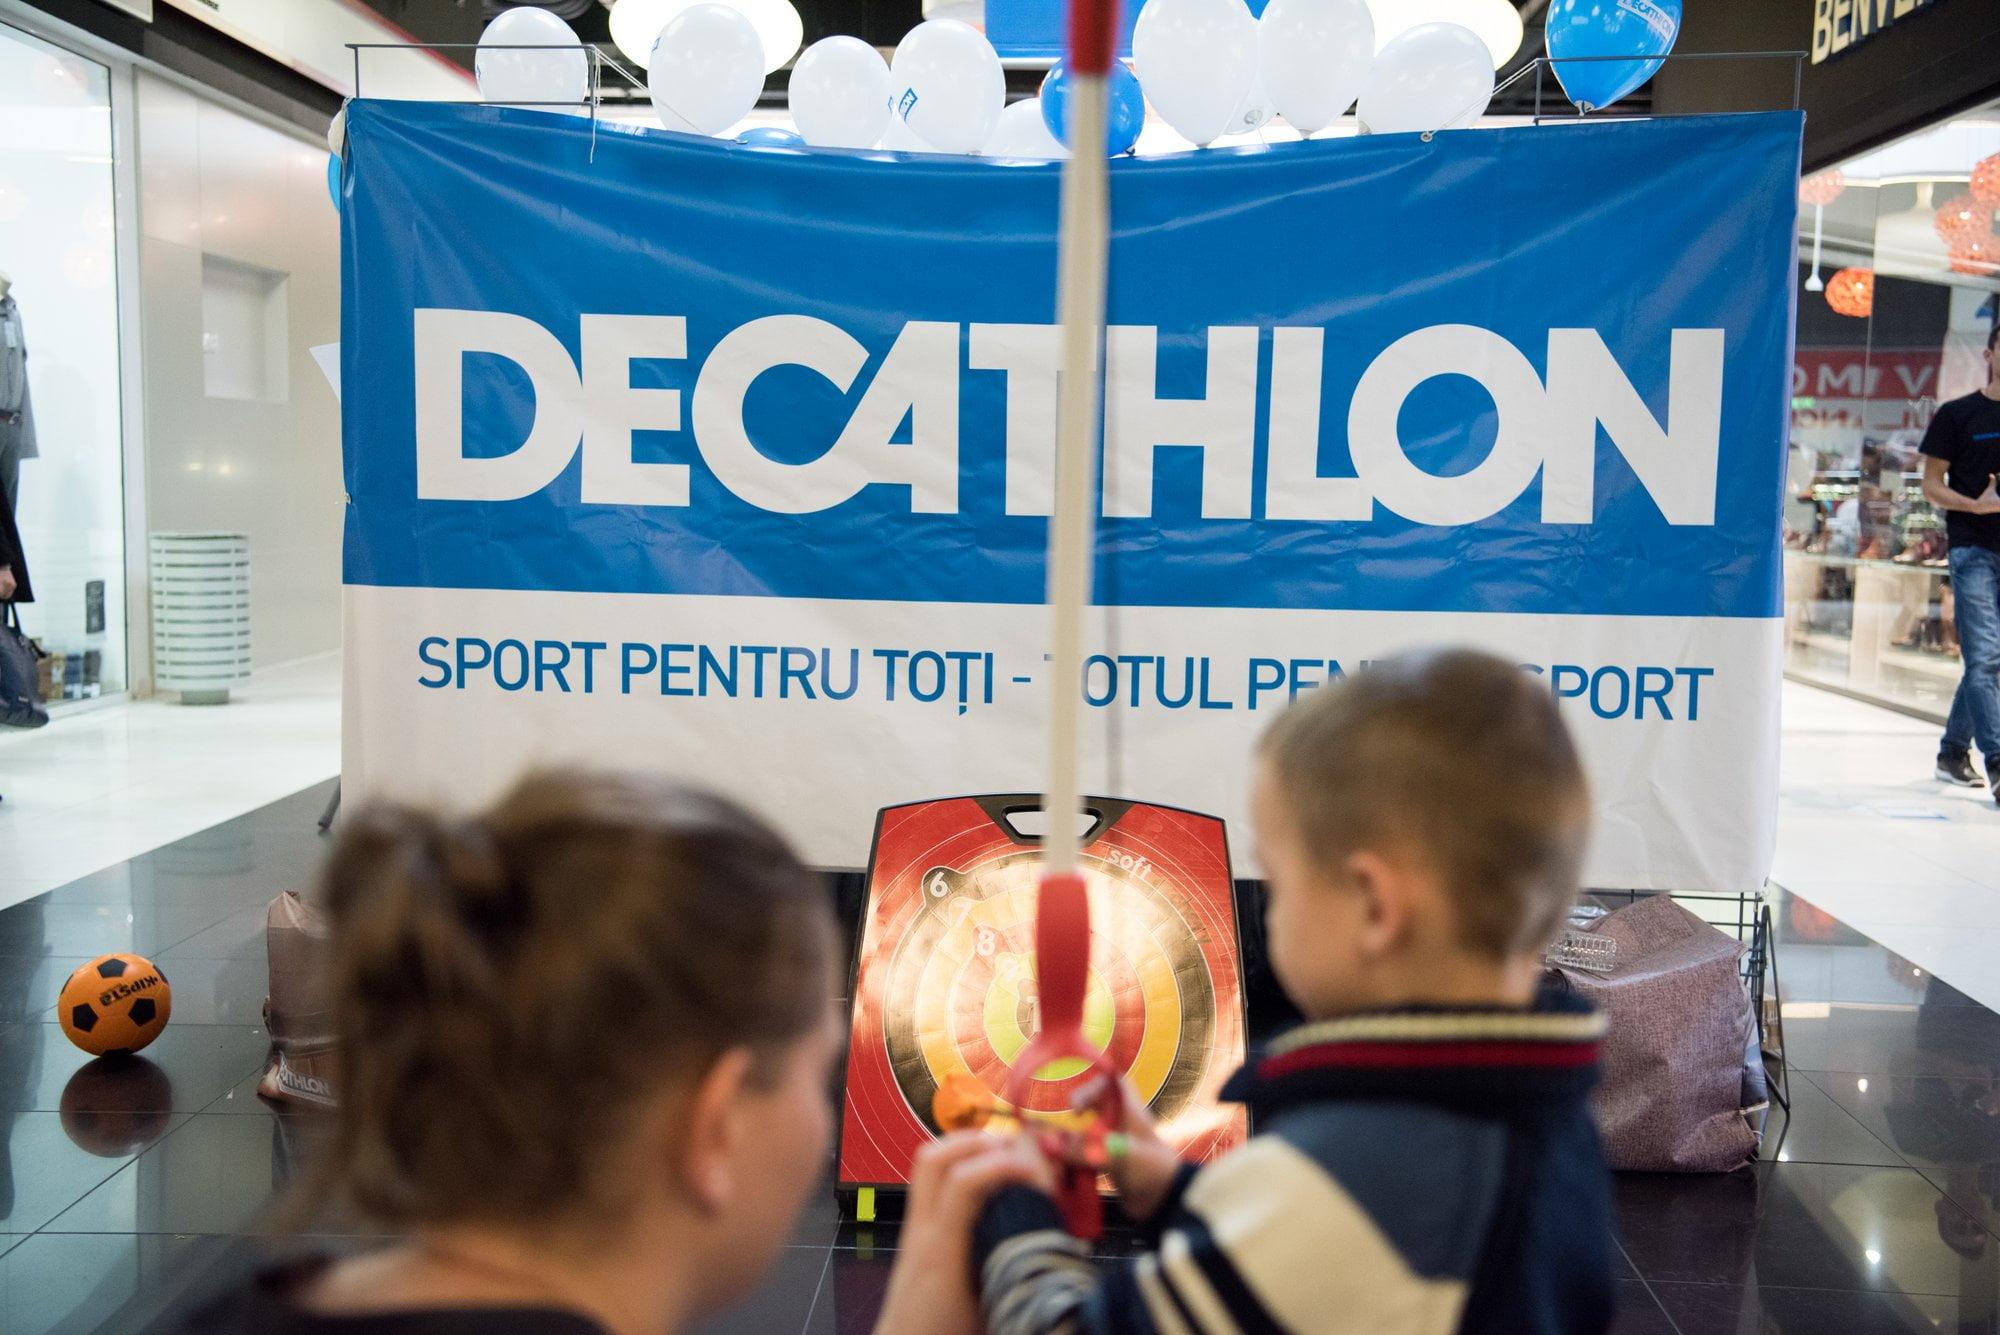 Decathlon invită locuitorii din Neamţ la sport, în weekendul dinaintea deschiderii primului magazin din județ